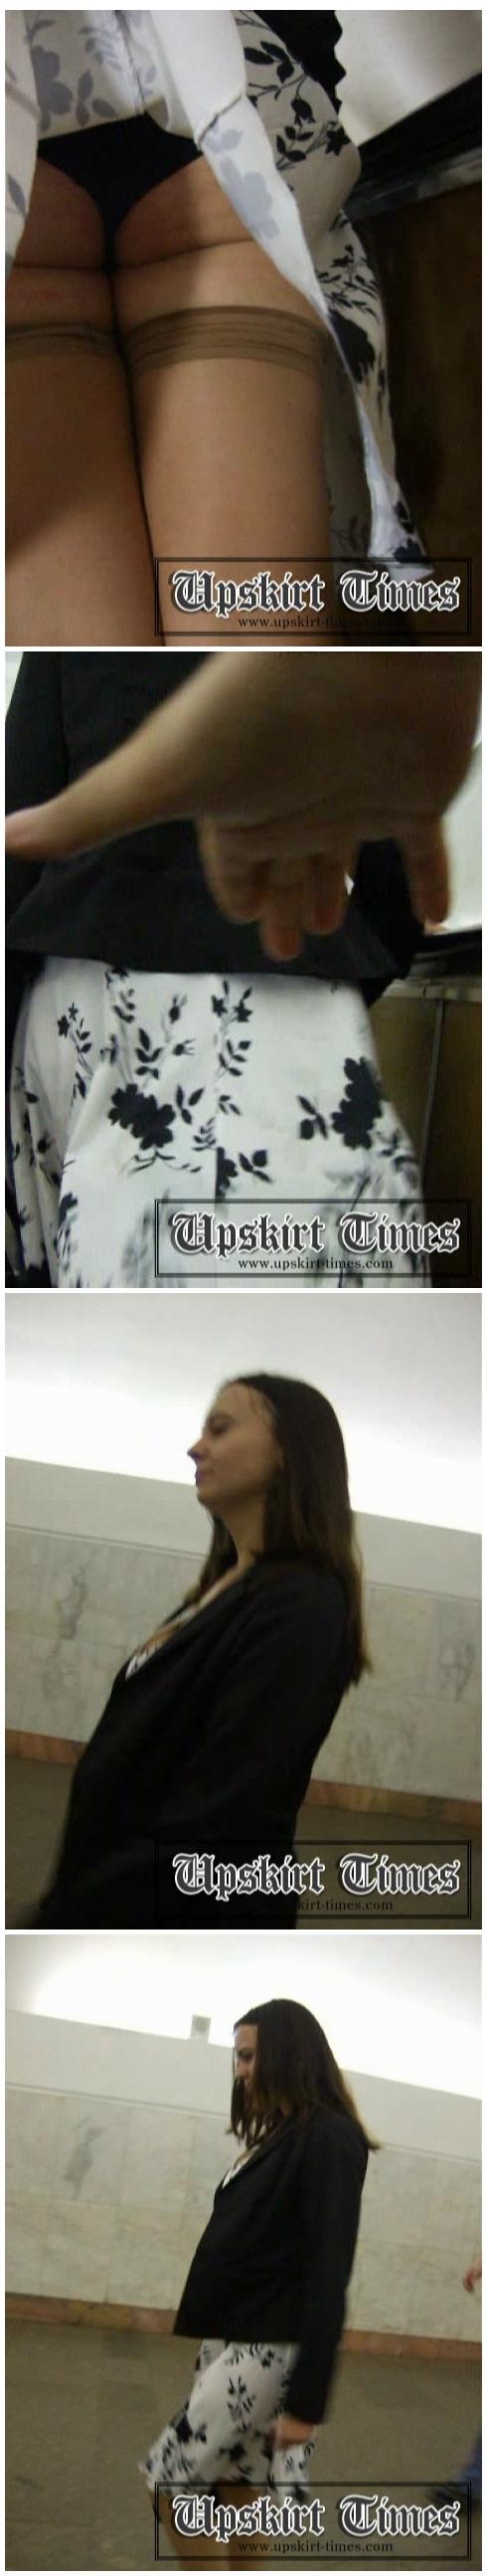 Upskirt-Times0225_cover.jpg